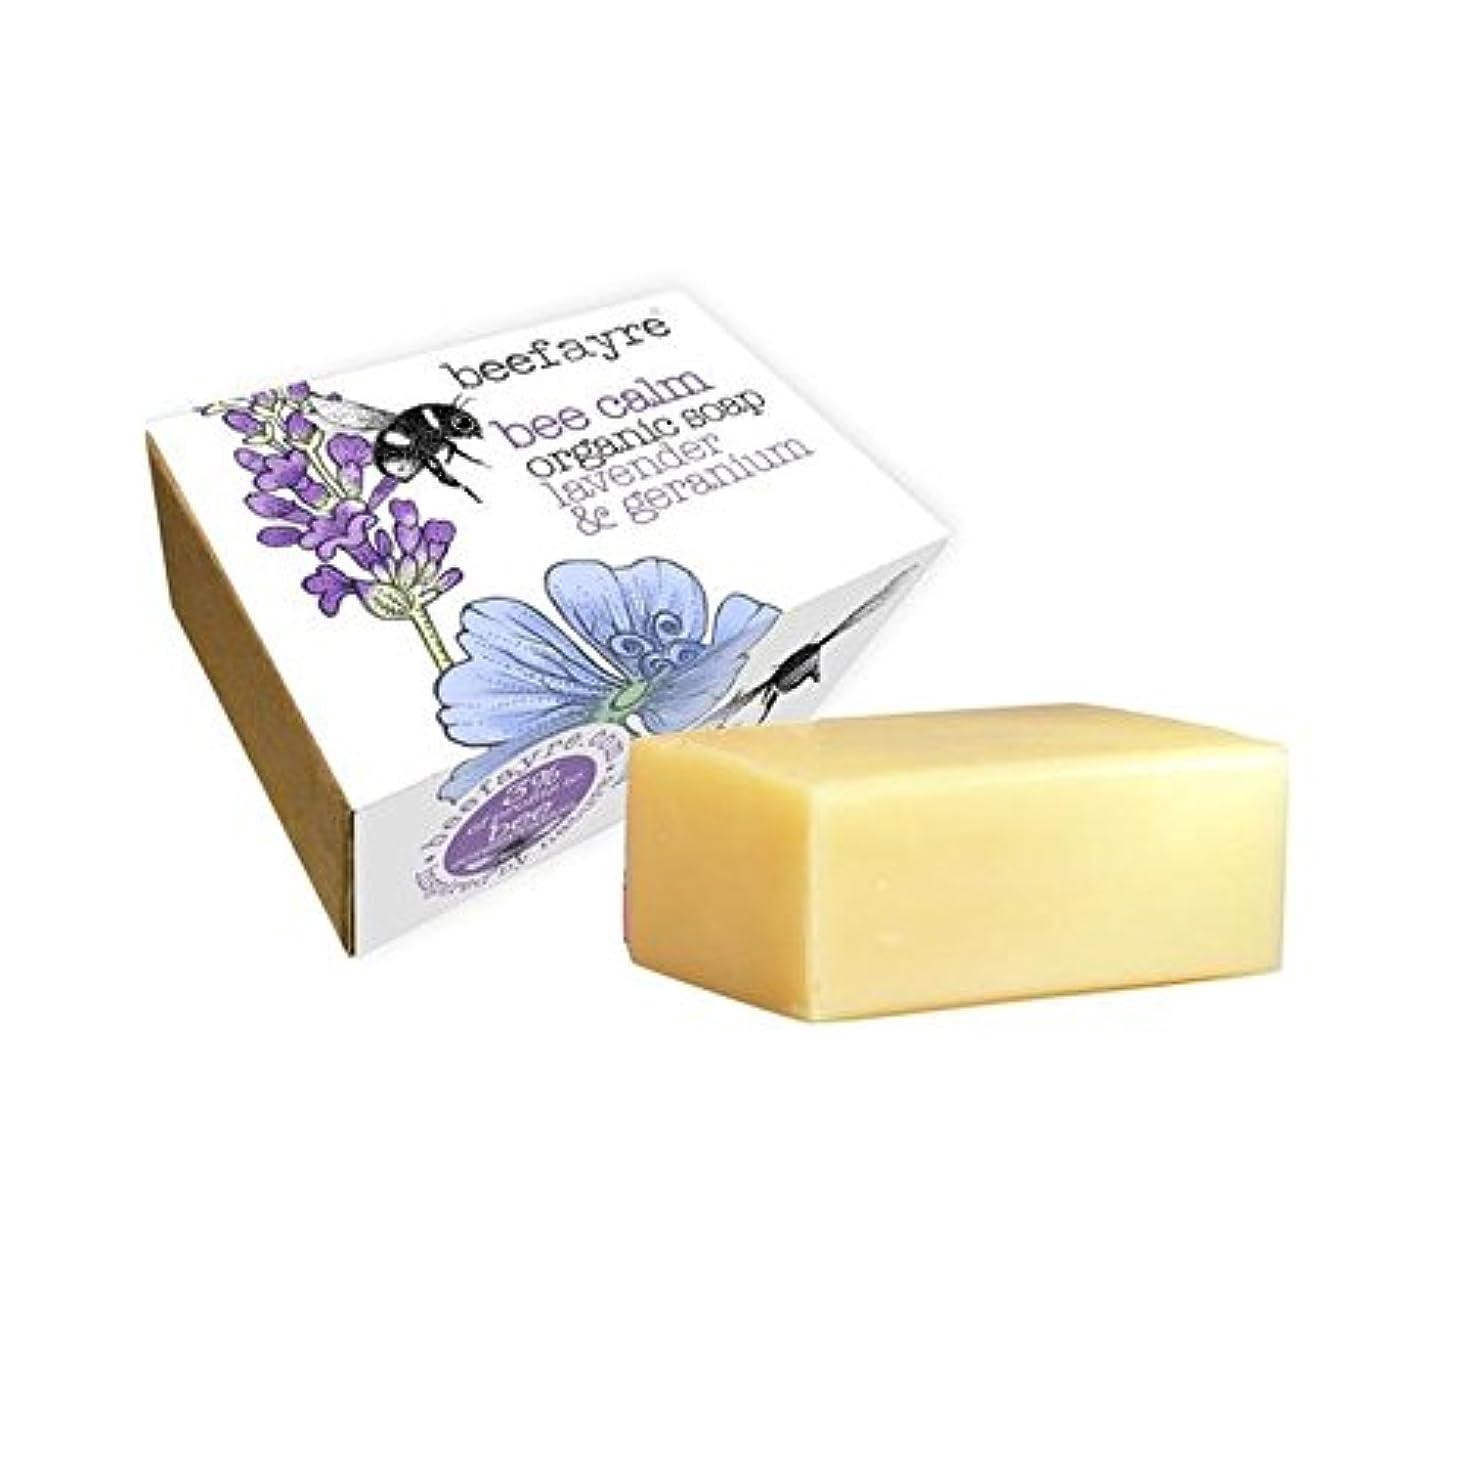 もろいダウンタウン指有機ゼラニウム&ラベンダー石鹸 x2 - Beefayre Organic Geranium & Lavender Soap (Pack of 2) [並行輸入品]